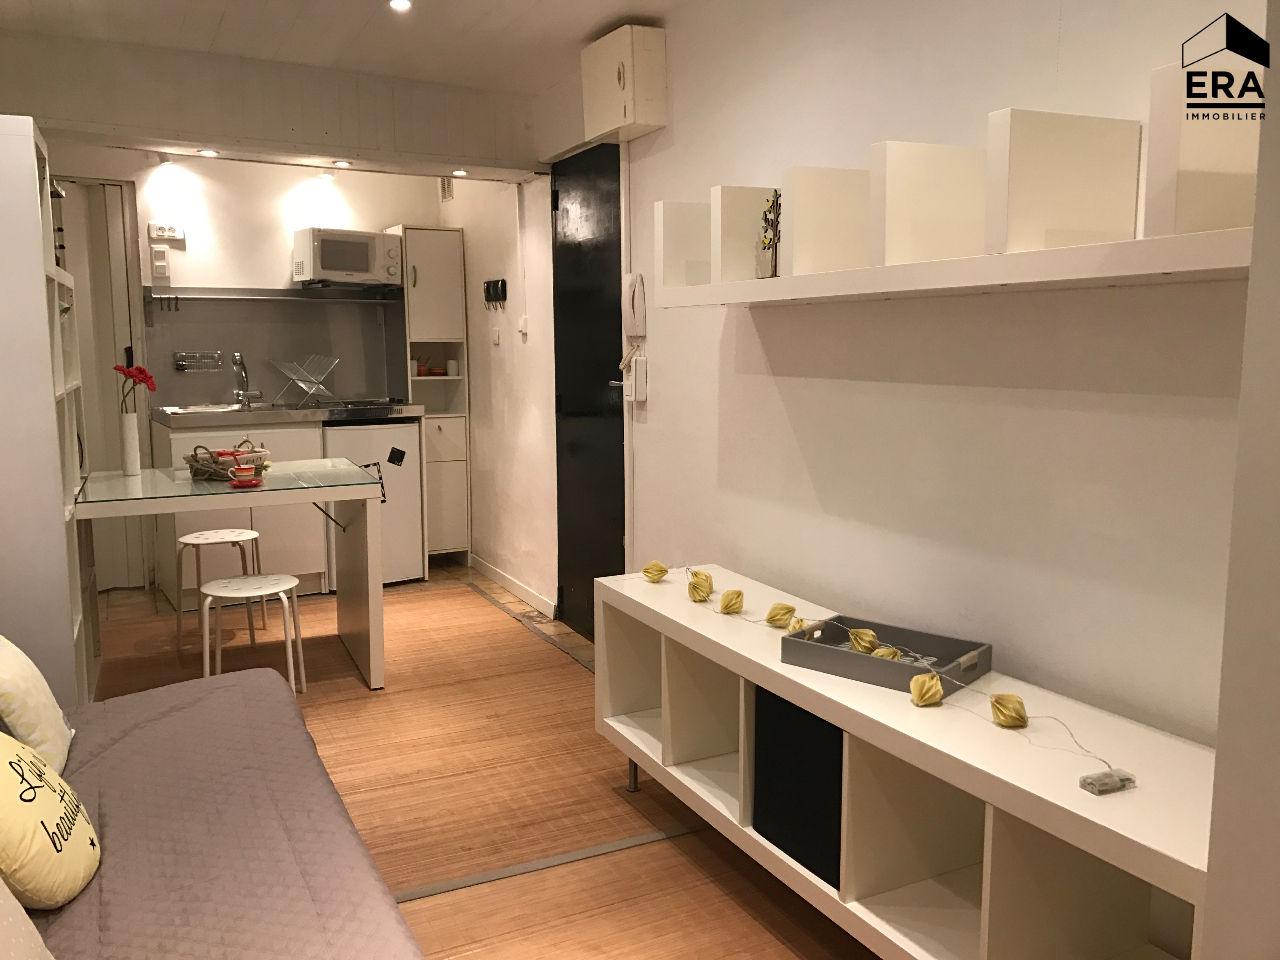 Location Appartement Aix En Provence 13090 Sur Le Partenaire